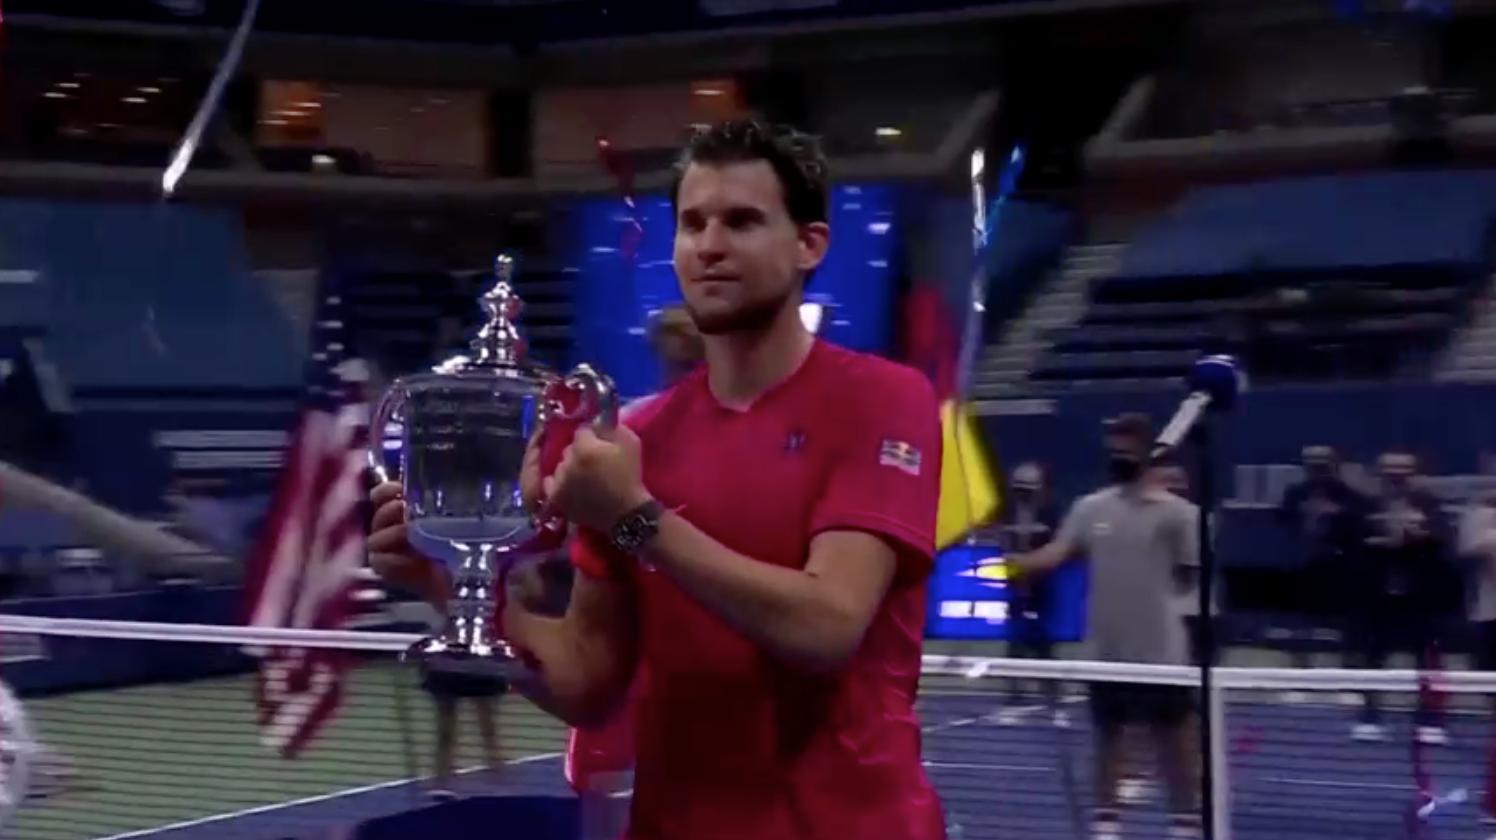 Tay vợt người Áo Dominic Thiem giành chức vô địch giải US Open sau màn lội ngược dòng nghẹt thở